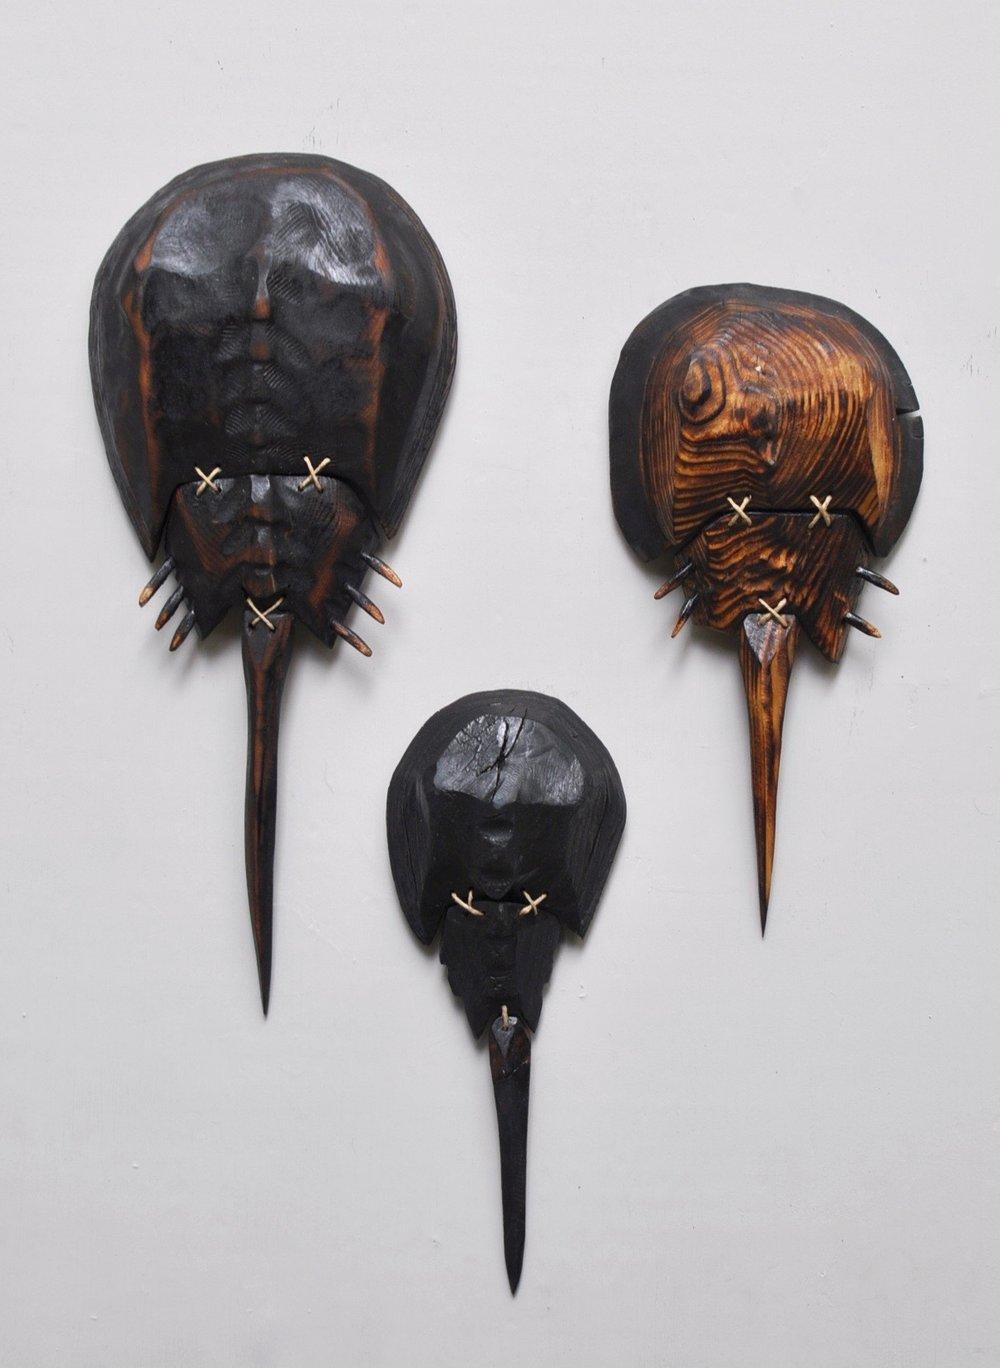 3 Horsehoe Crabs